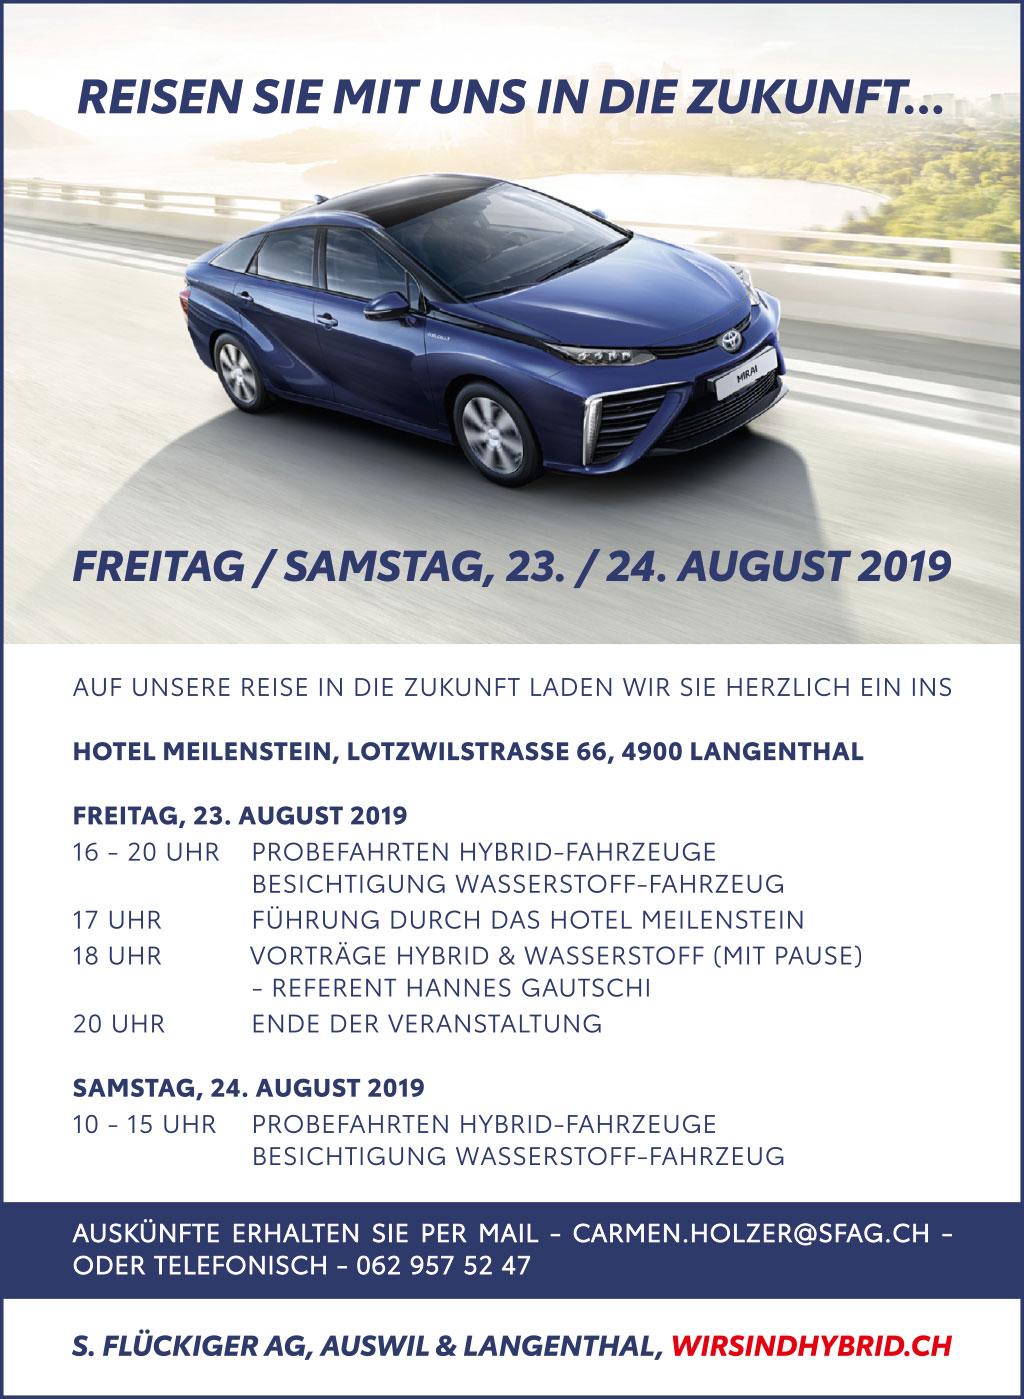 flückiger Autohaus - Reisen Sie mit uns in die Zukunft - Anlass Hybrid und Wasserstoff vom 23./24. August 2019 in Langenthal